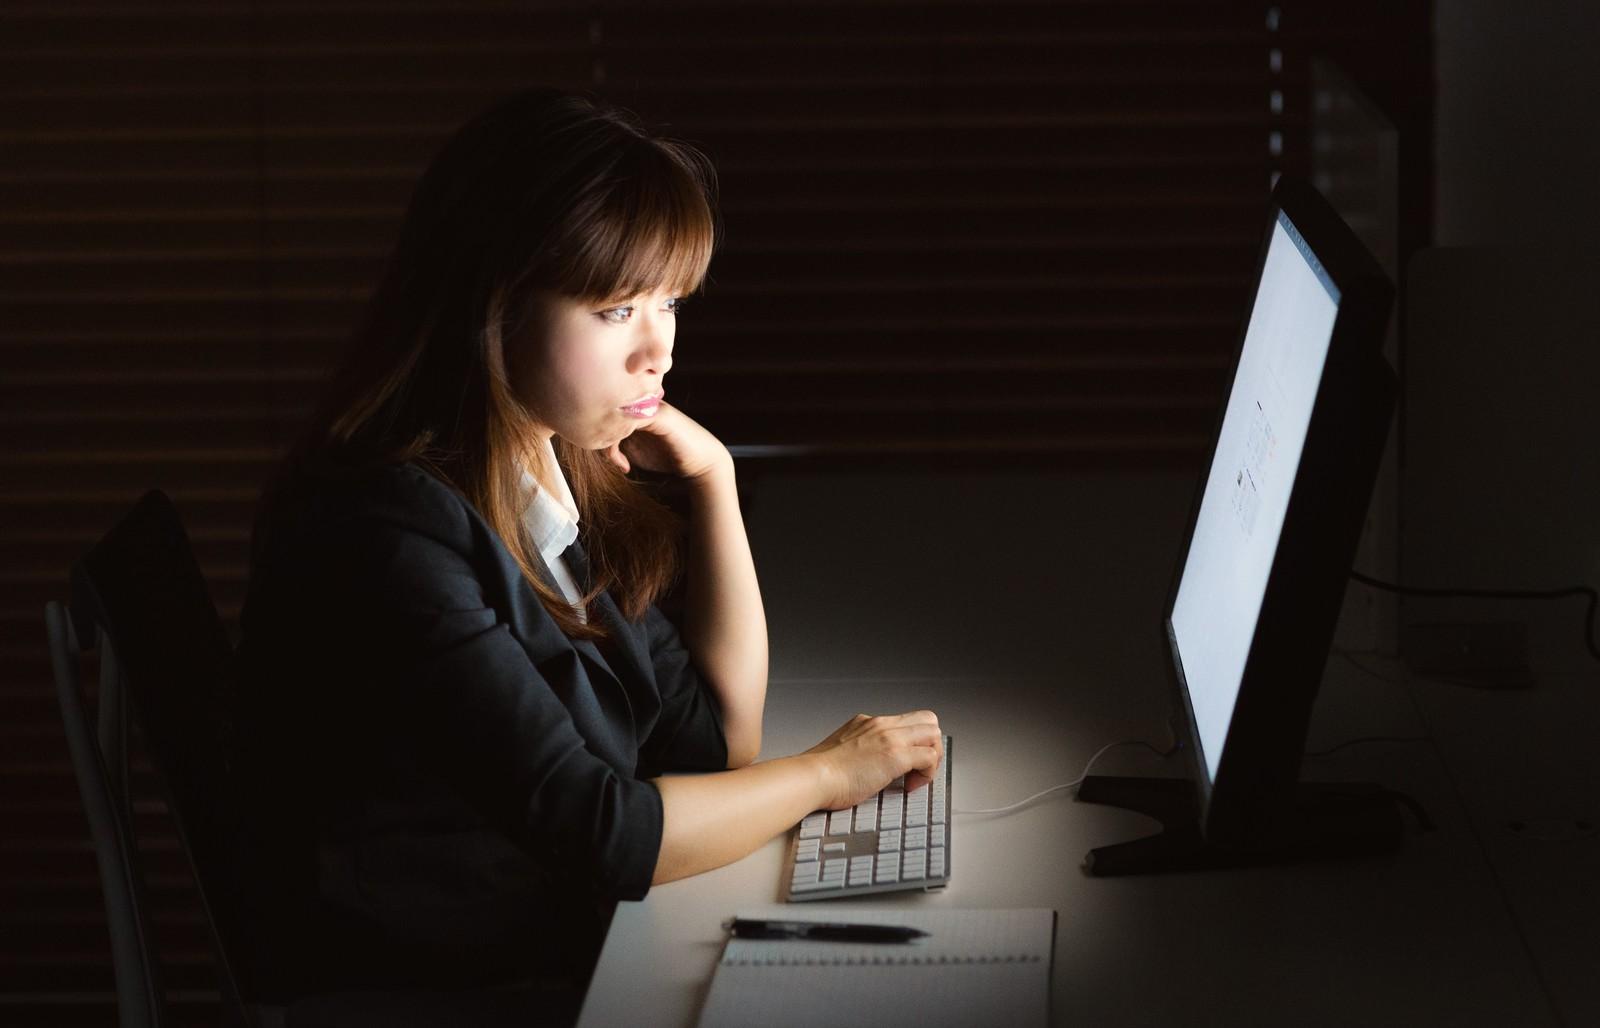 転職活動が辛いと感じる原因や対処法。